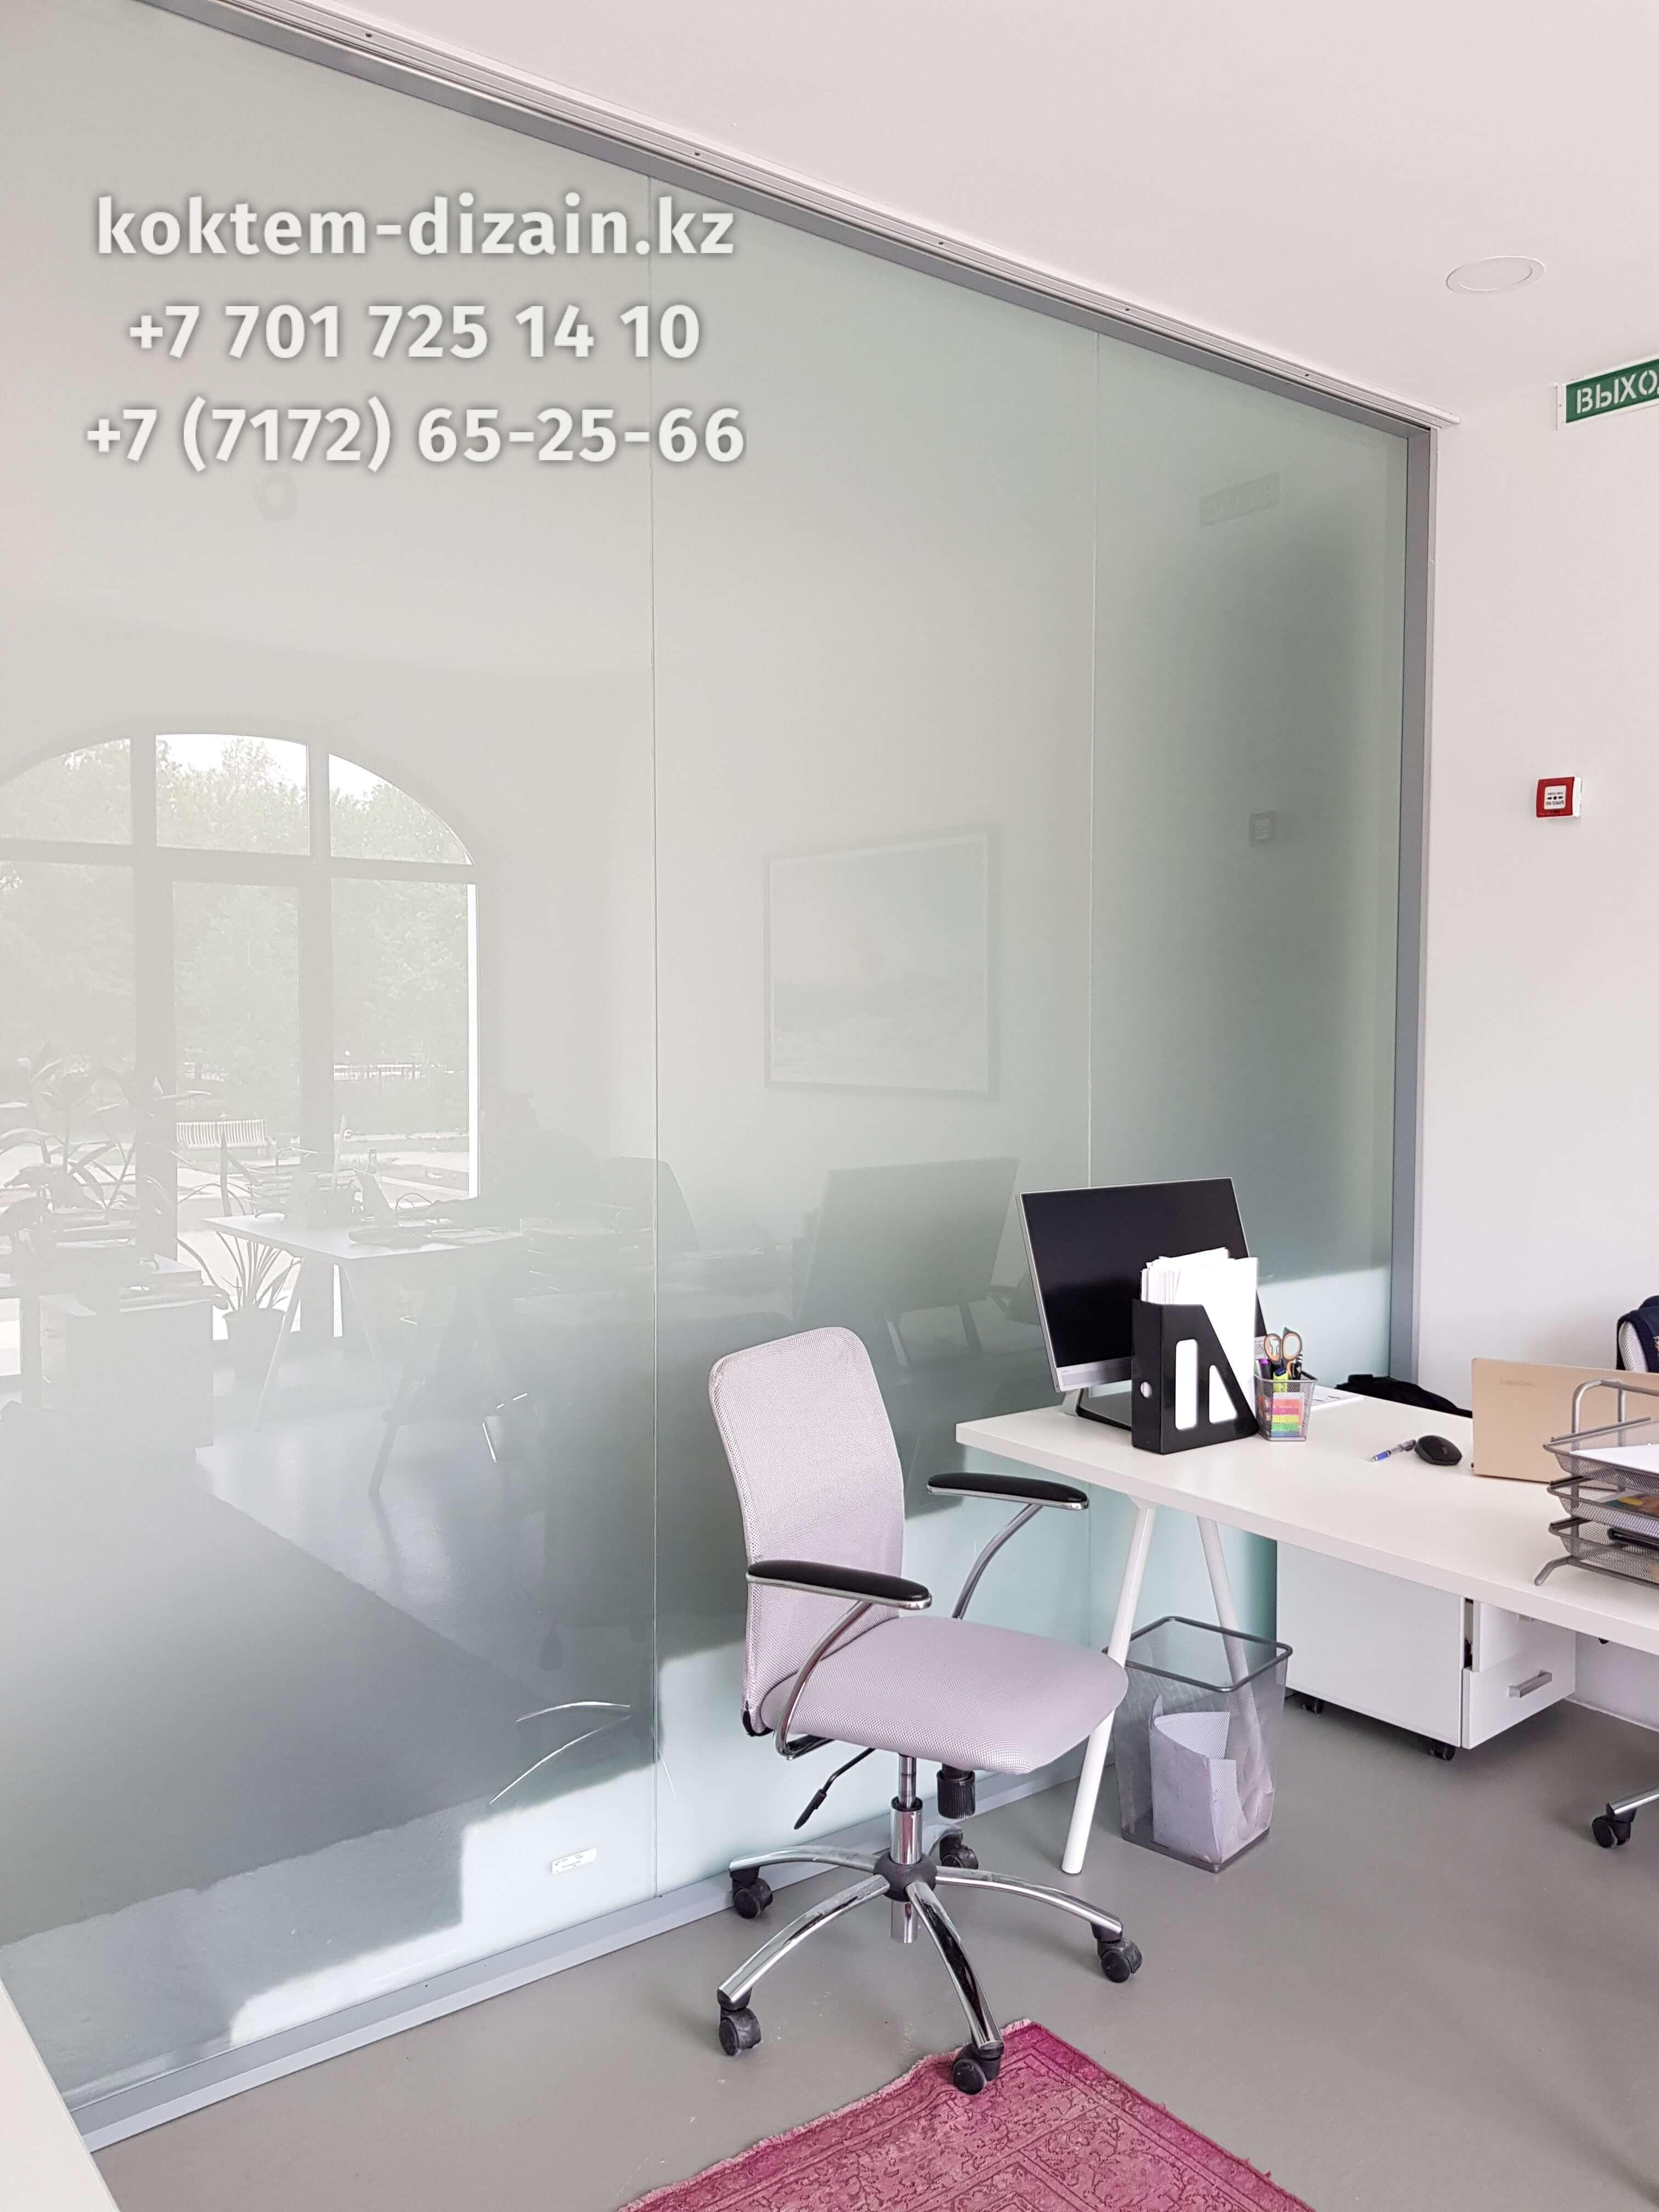 Глухие офисные перегородки - фото с сайта Коктем Дизайн